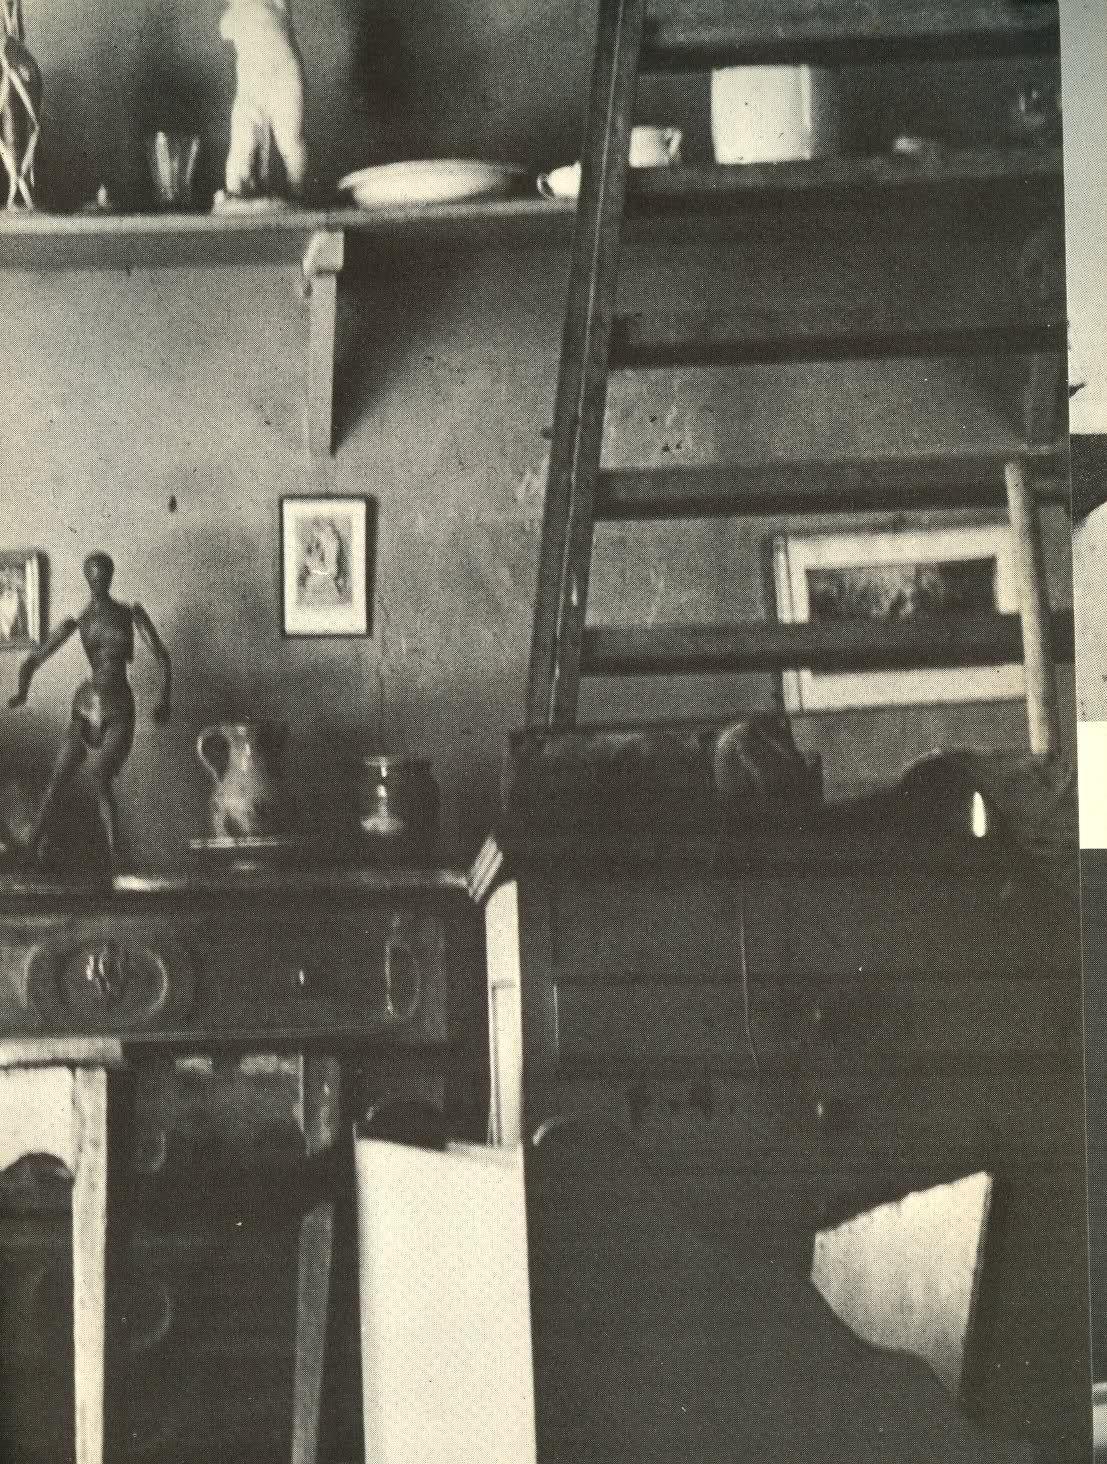 Paul Cezanne studio by Leiberman